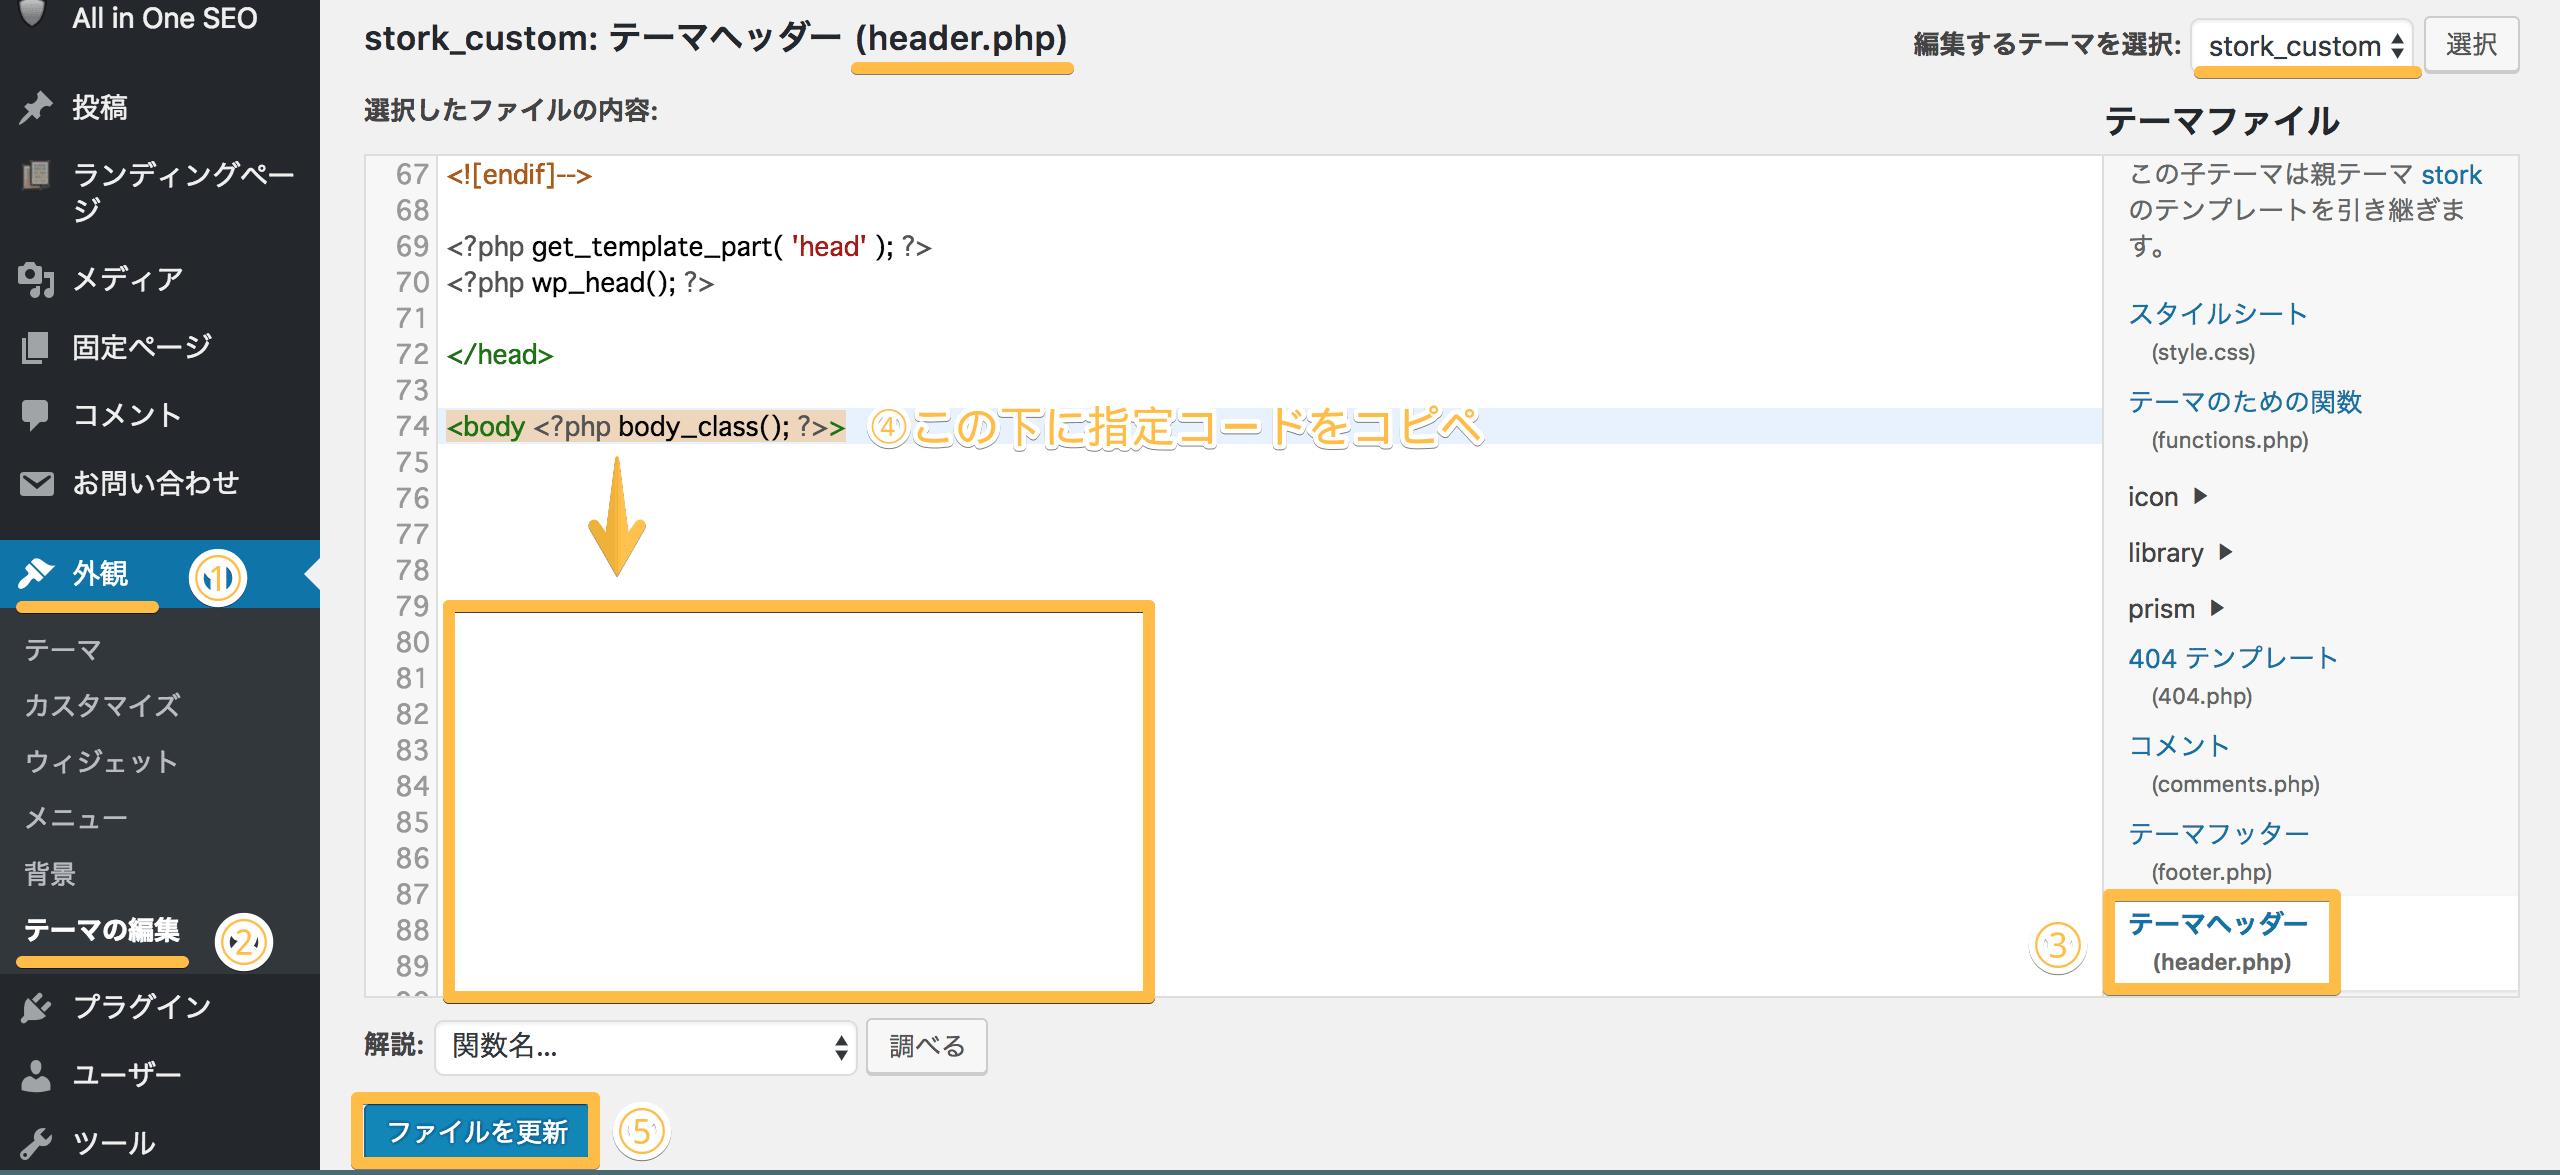 テーマヘッダー編集画面